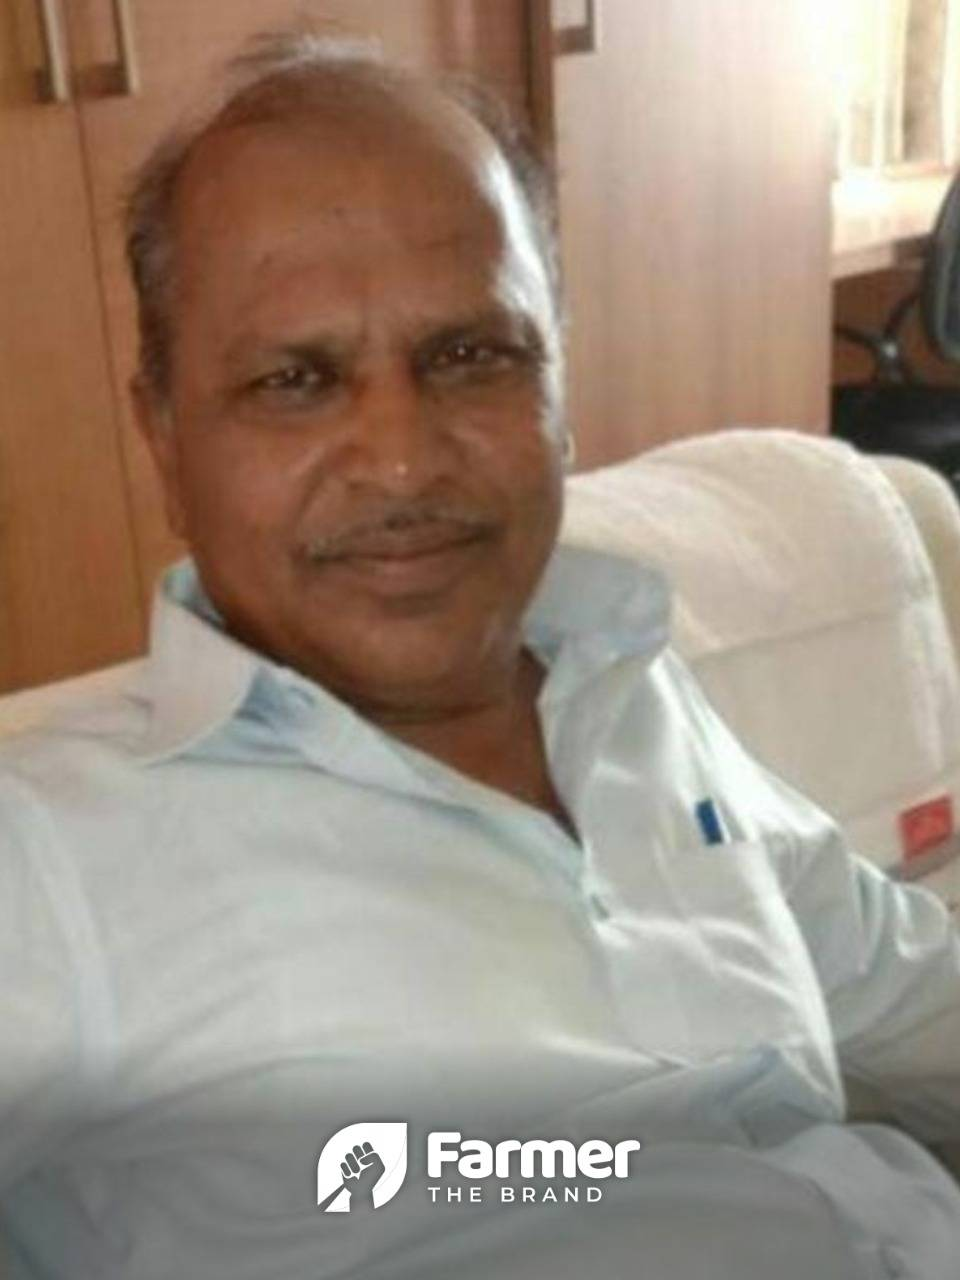 Adhikrao Manohar Bhoite